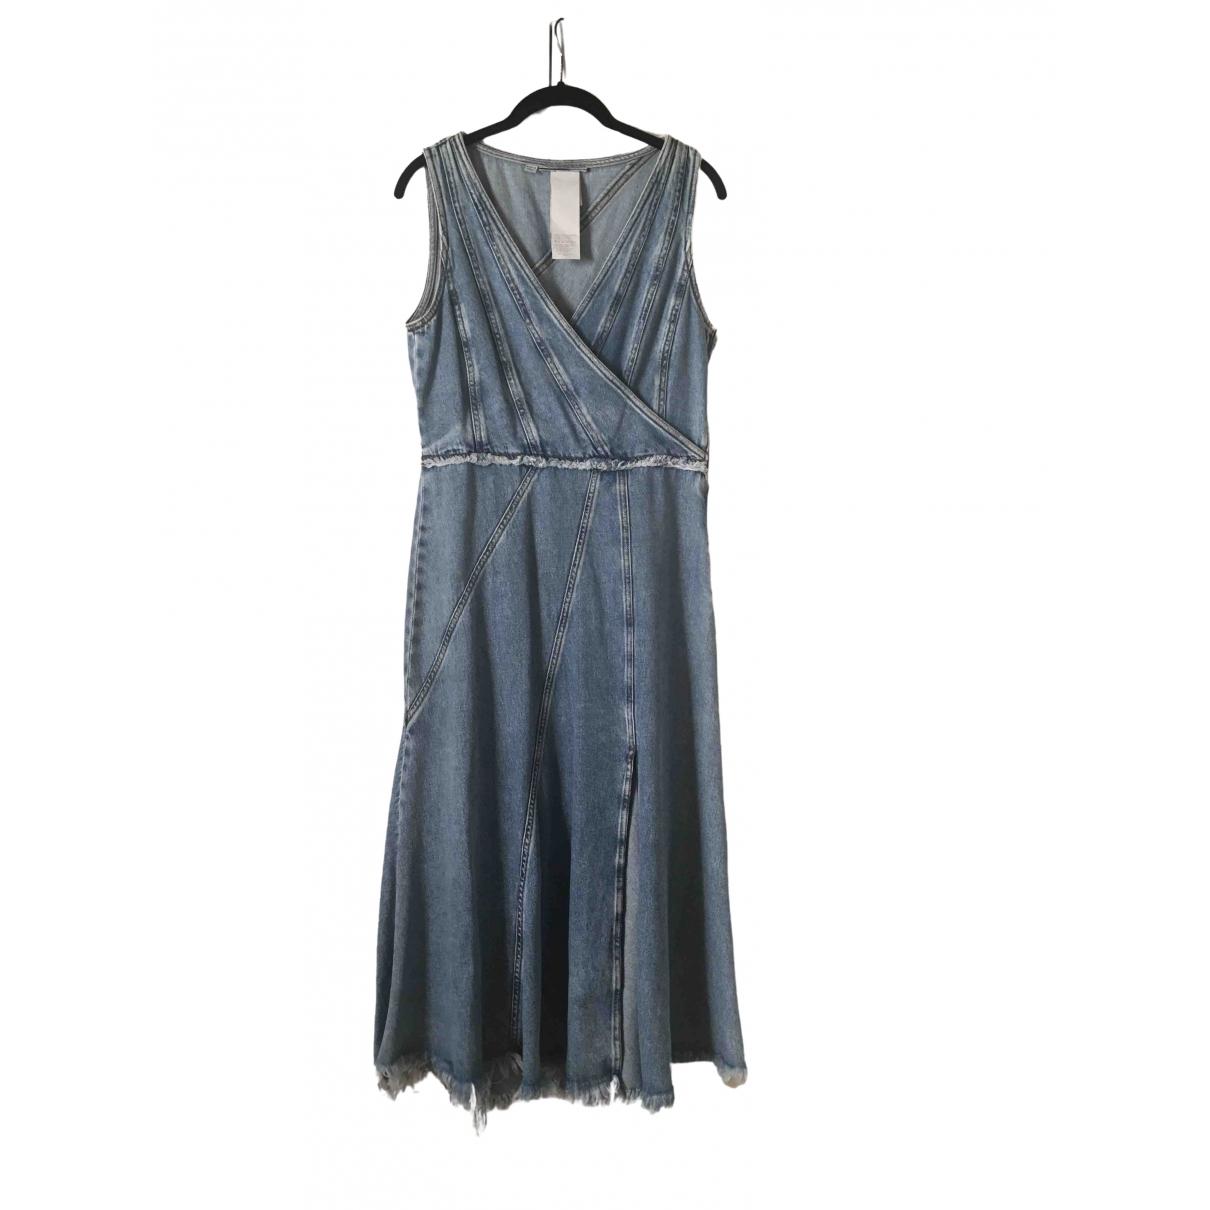 Marella \N Kleid in  Blau Denim - Jeans